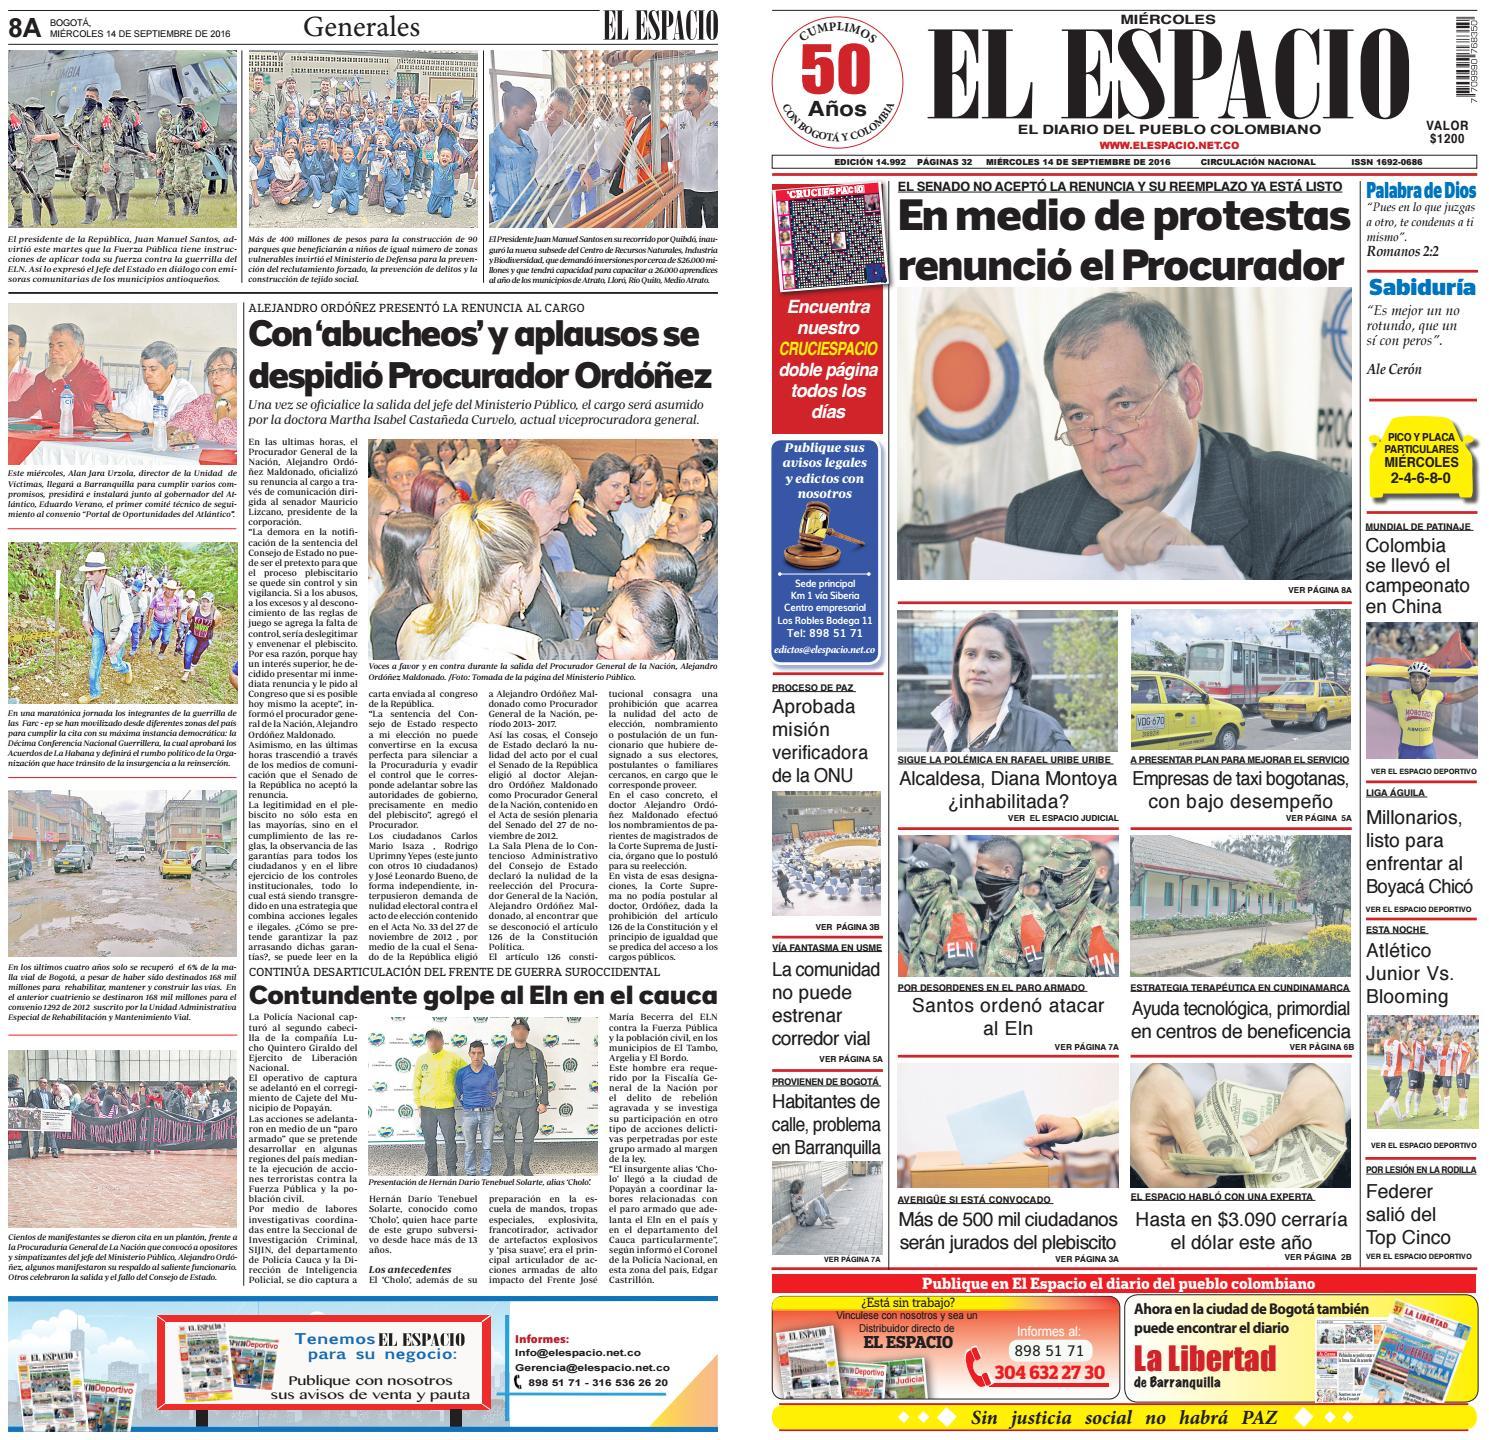 DIARIO EL ESPACIO by DIARIO EL ESPACIO - issuu d103c82d18285